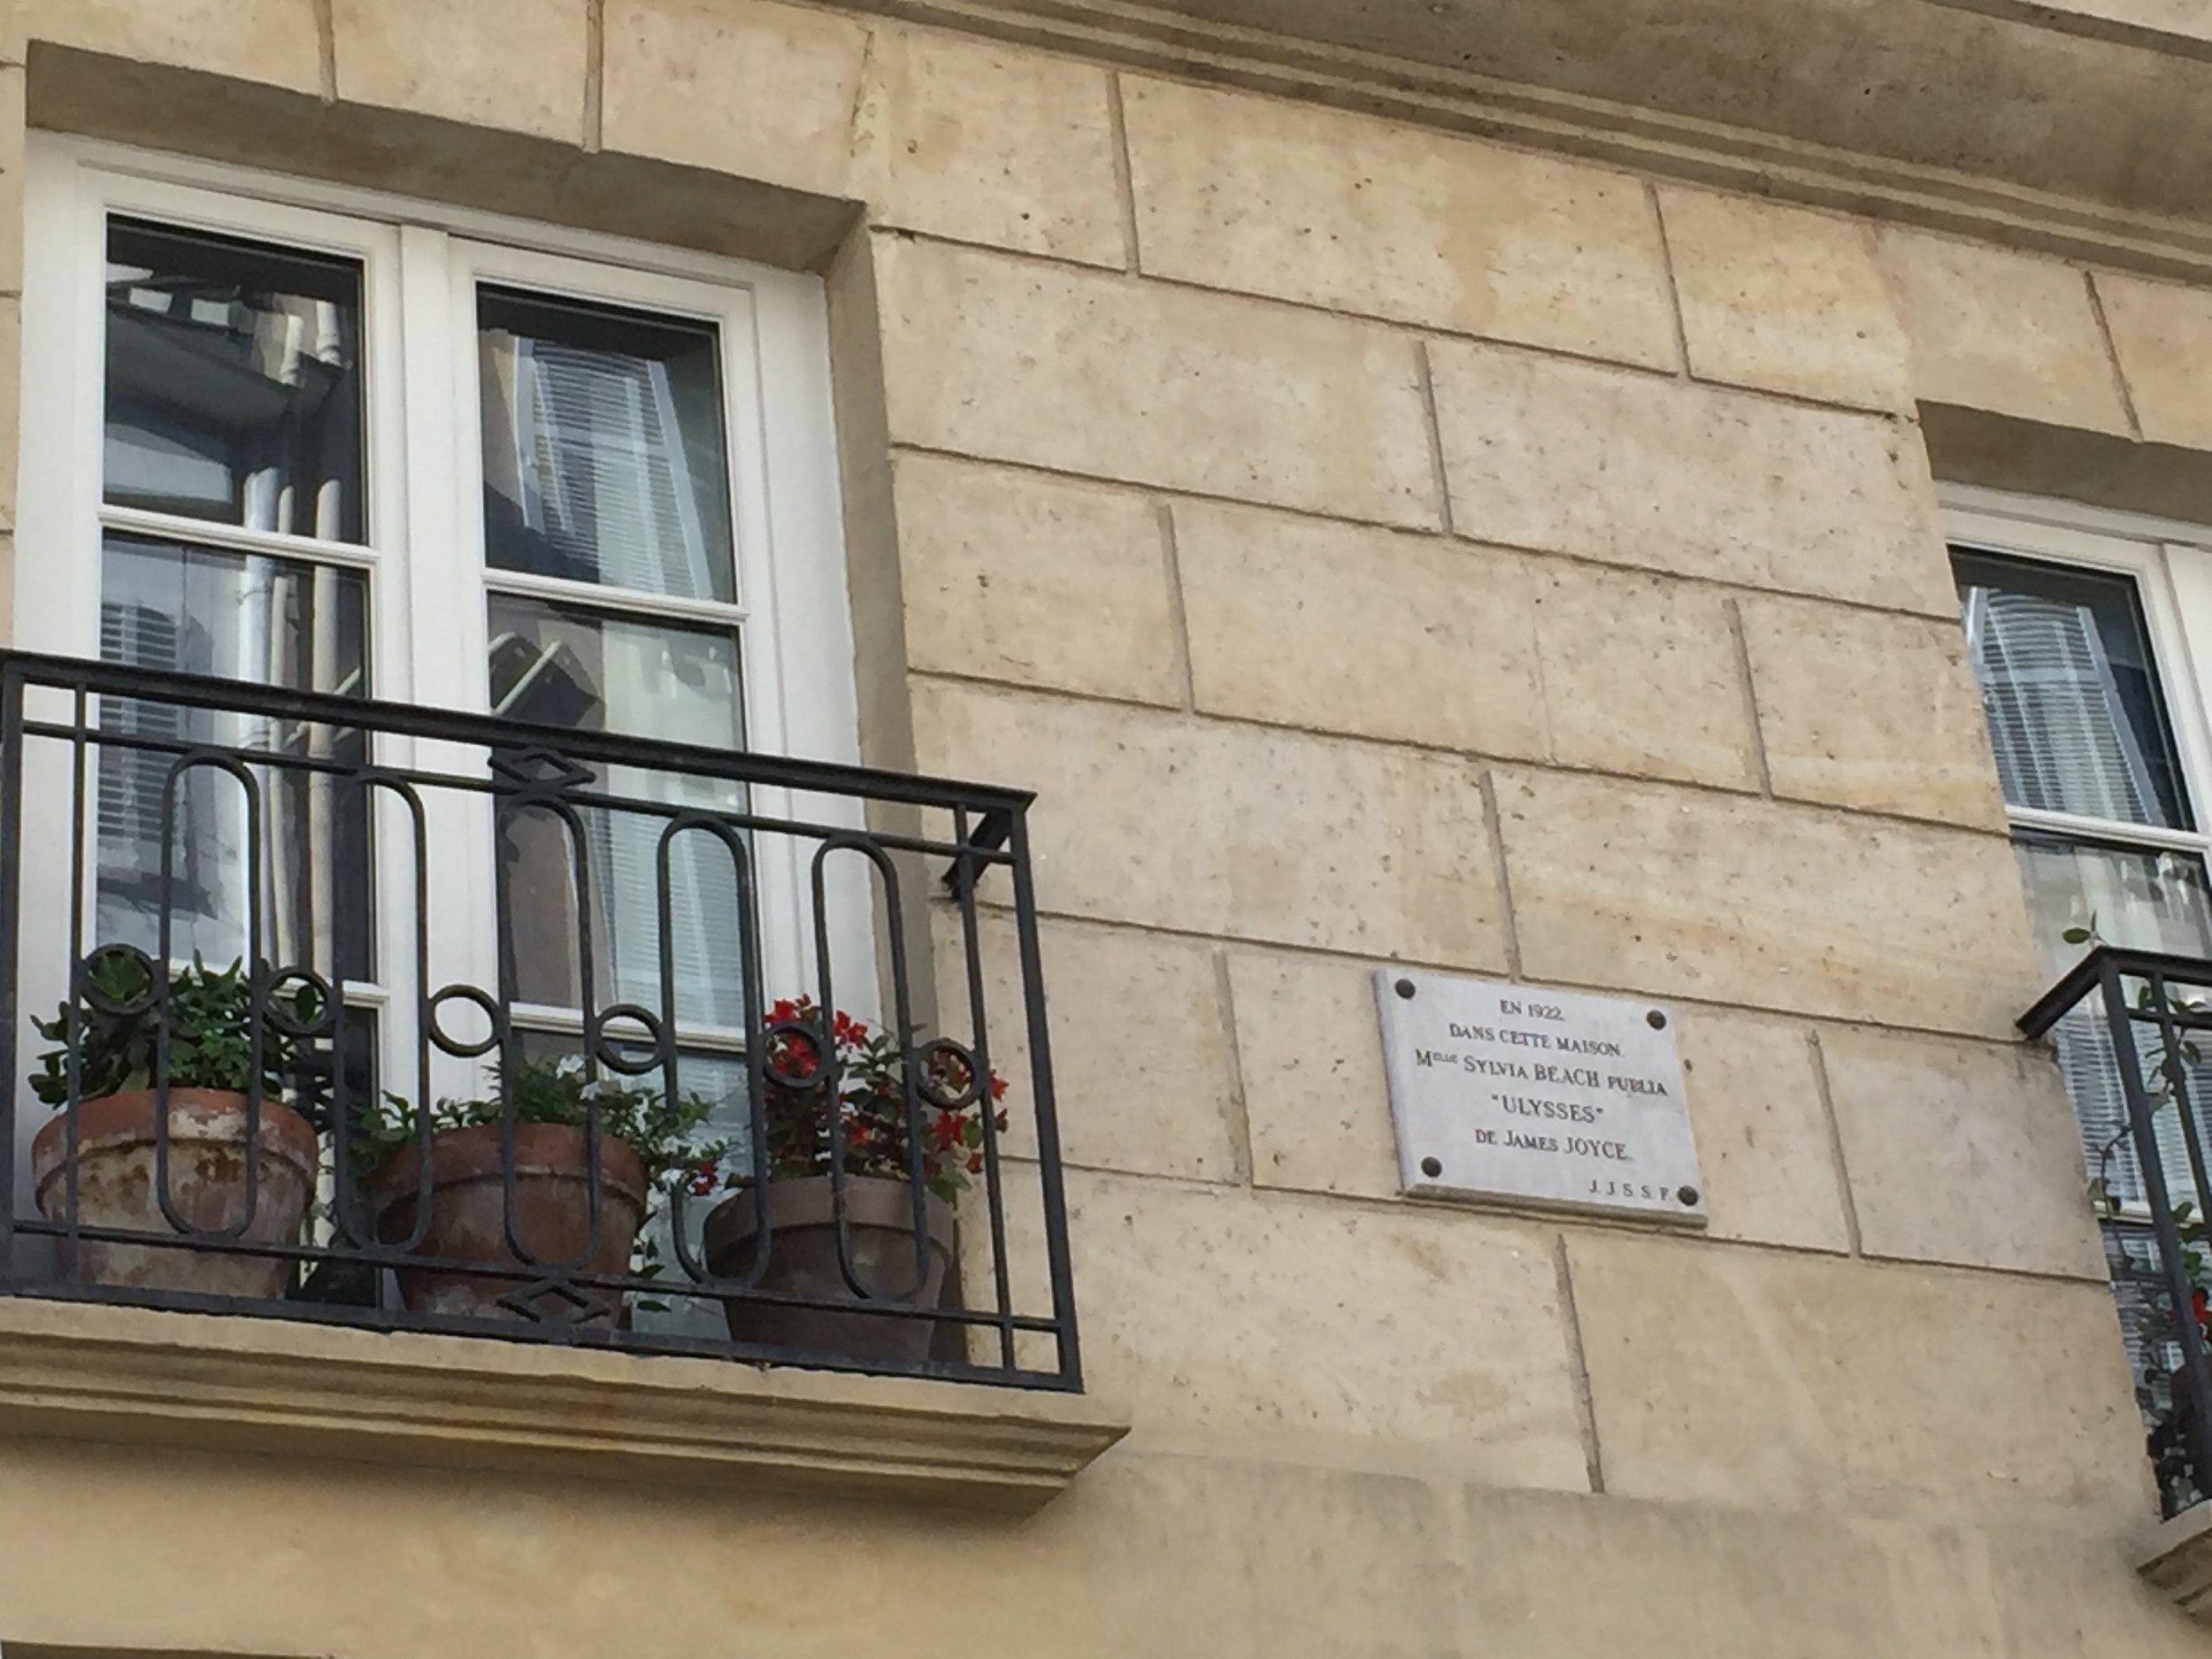 """The plaque reads:  En 1922 dans cette maison M.elle Sylvia Beach publia """"Ulysses"""" de James Joyce"""